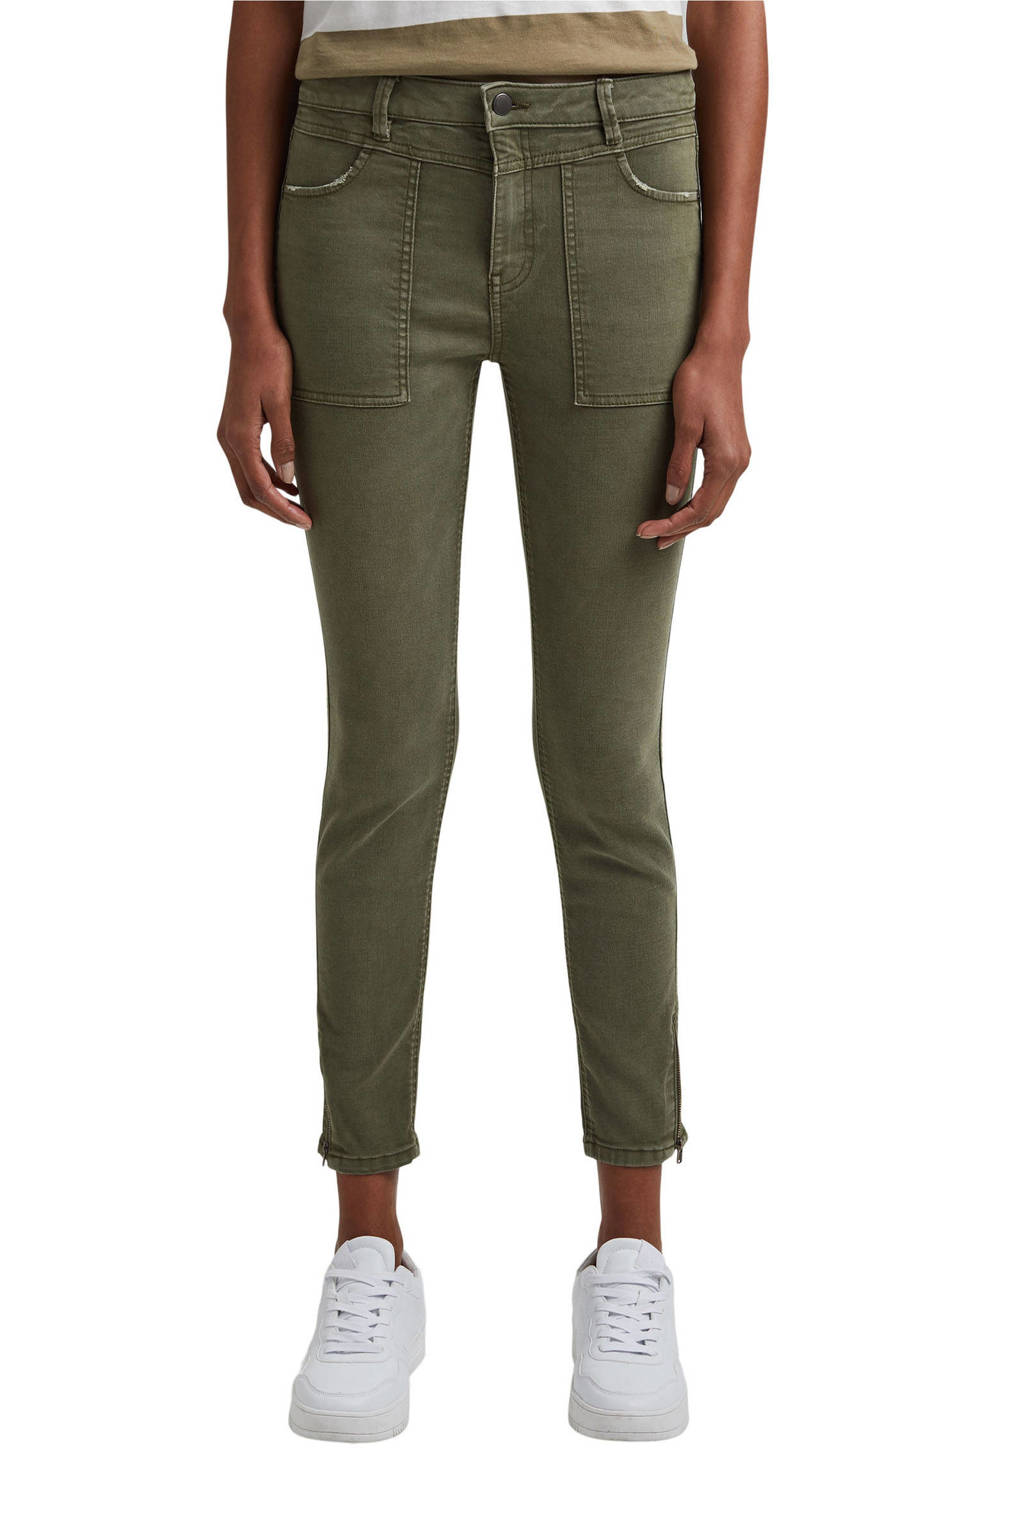 edc Women skinny broek groen, Groen